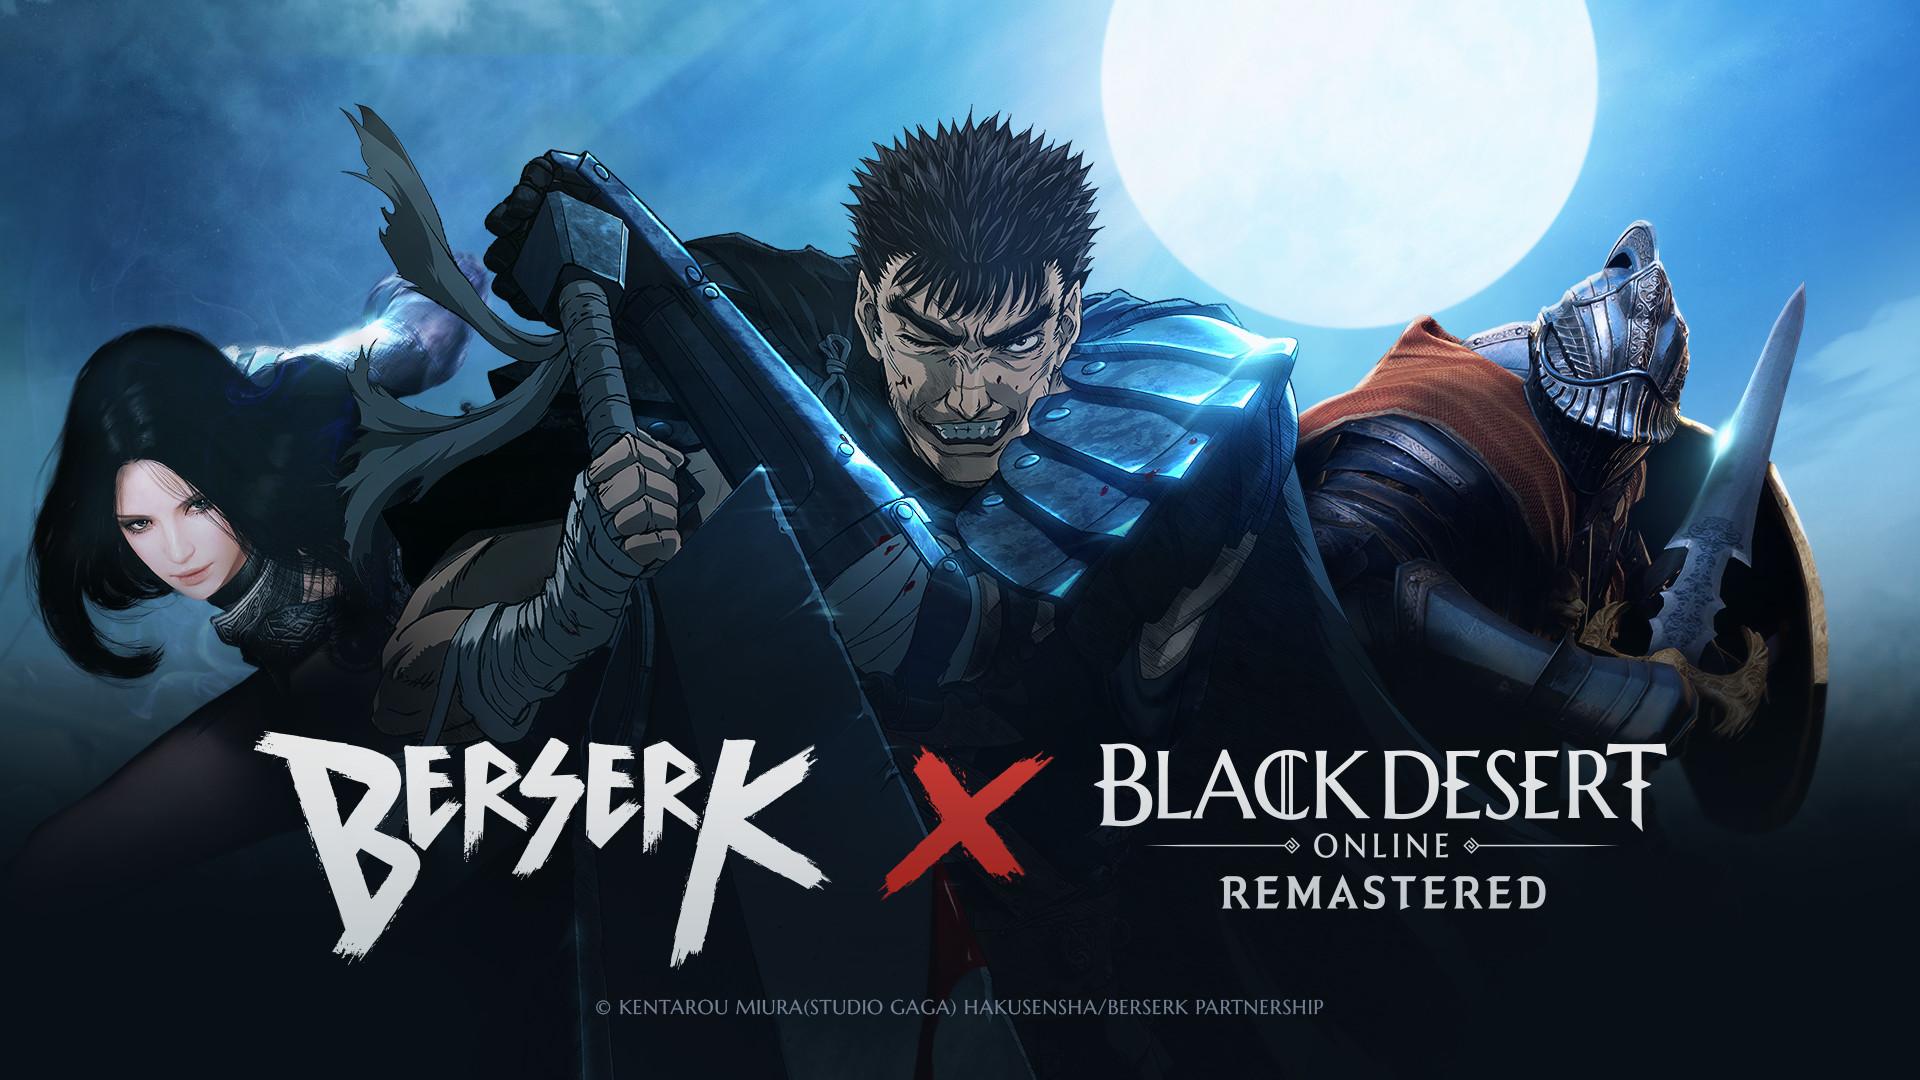 В Black Desert Online начался ивент по популярной манге Berserk